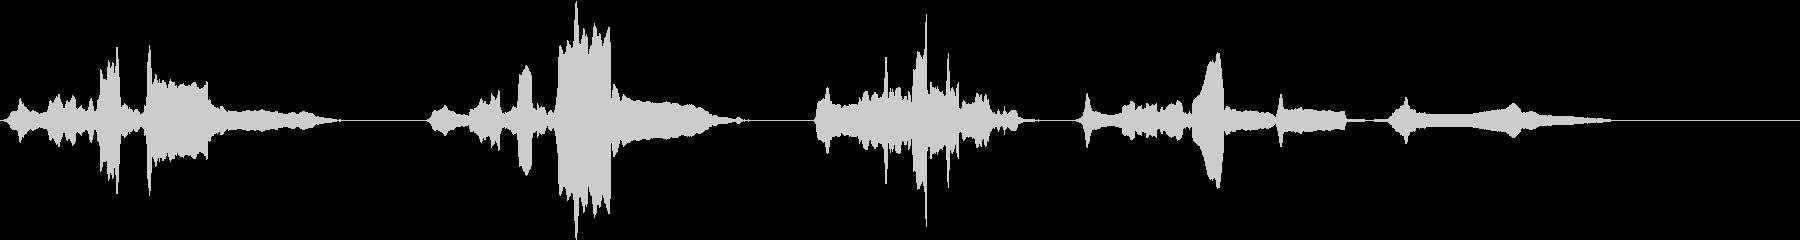 【生演奏】尺八ソロによる汎用的なフレーズの未再生の波形